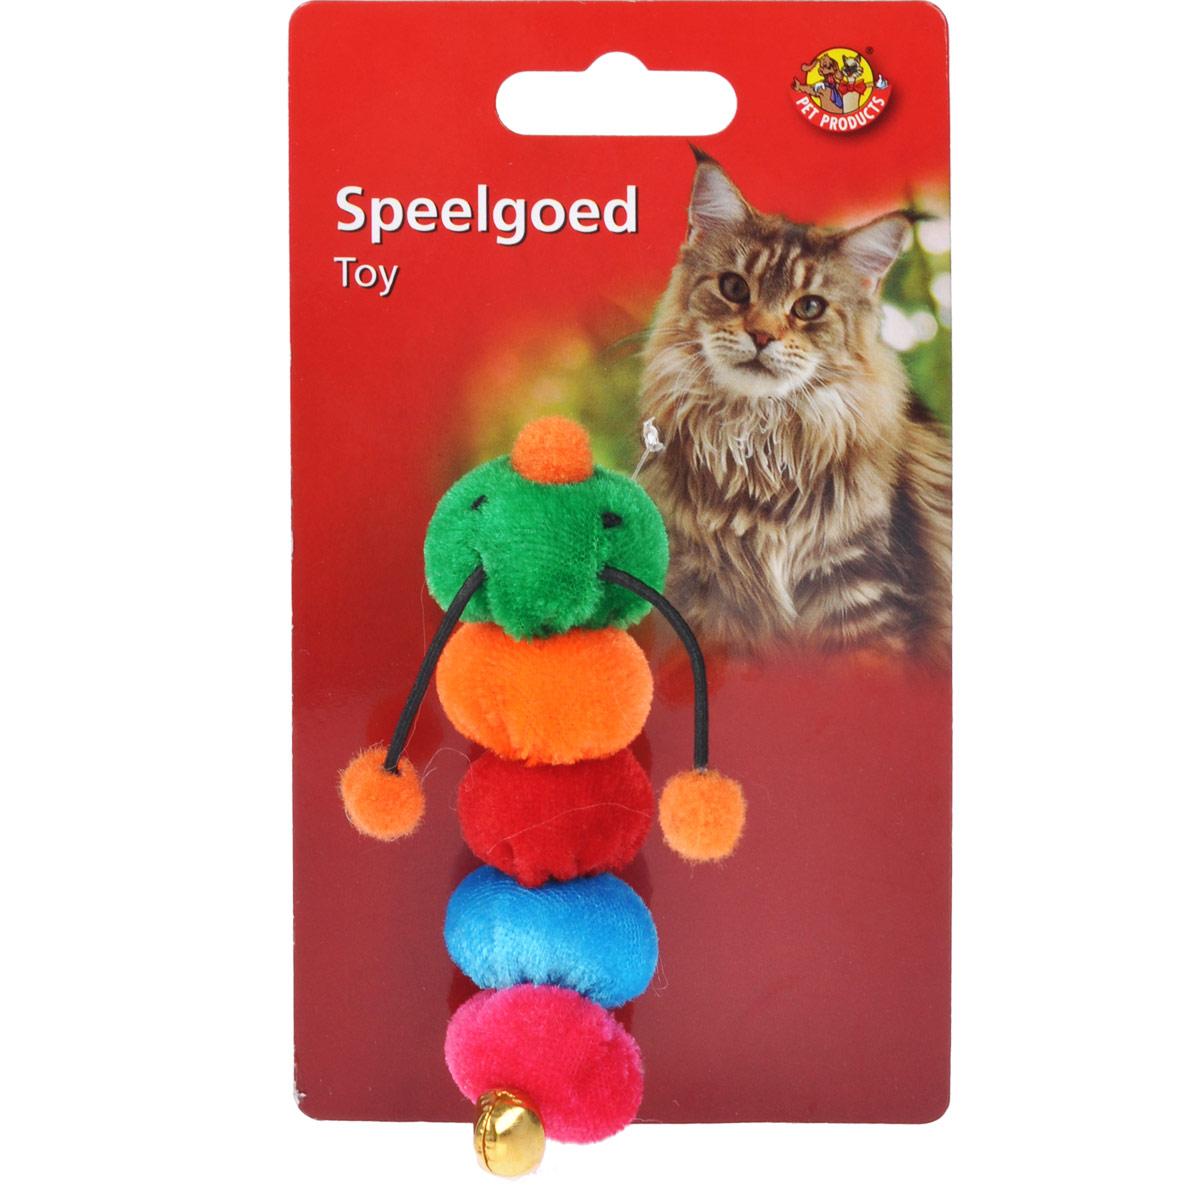 Игрушка для кошек I.P.T.S. Гусеница37608/440502Забавная игрушка для кошек I.P.T.S. Гусеница состоит из цветных сегментов. Игрушка изготовлена из мягкого плюша. Предназначена для активных игр с кошкой. Такая игрушка привлечет внимание вашего любимца и не оставит его равнодушным. Длина: 9,5 см.